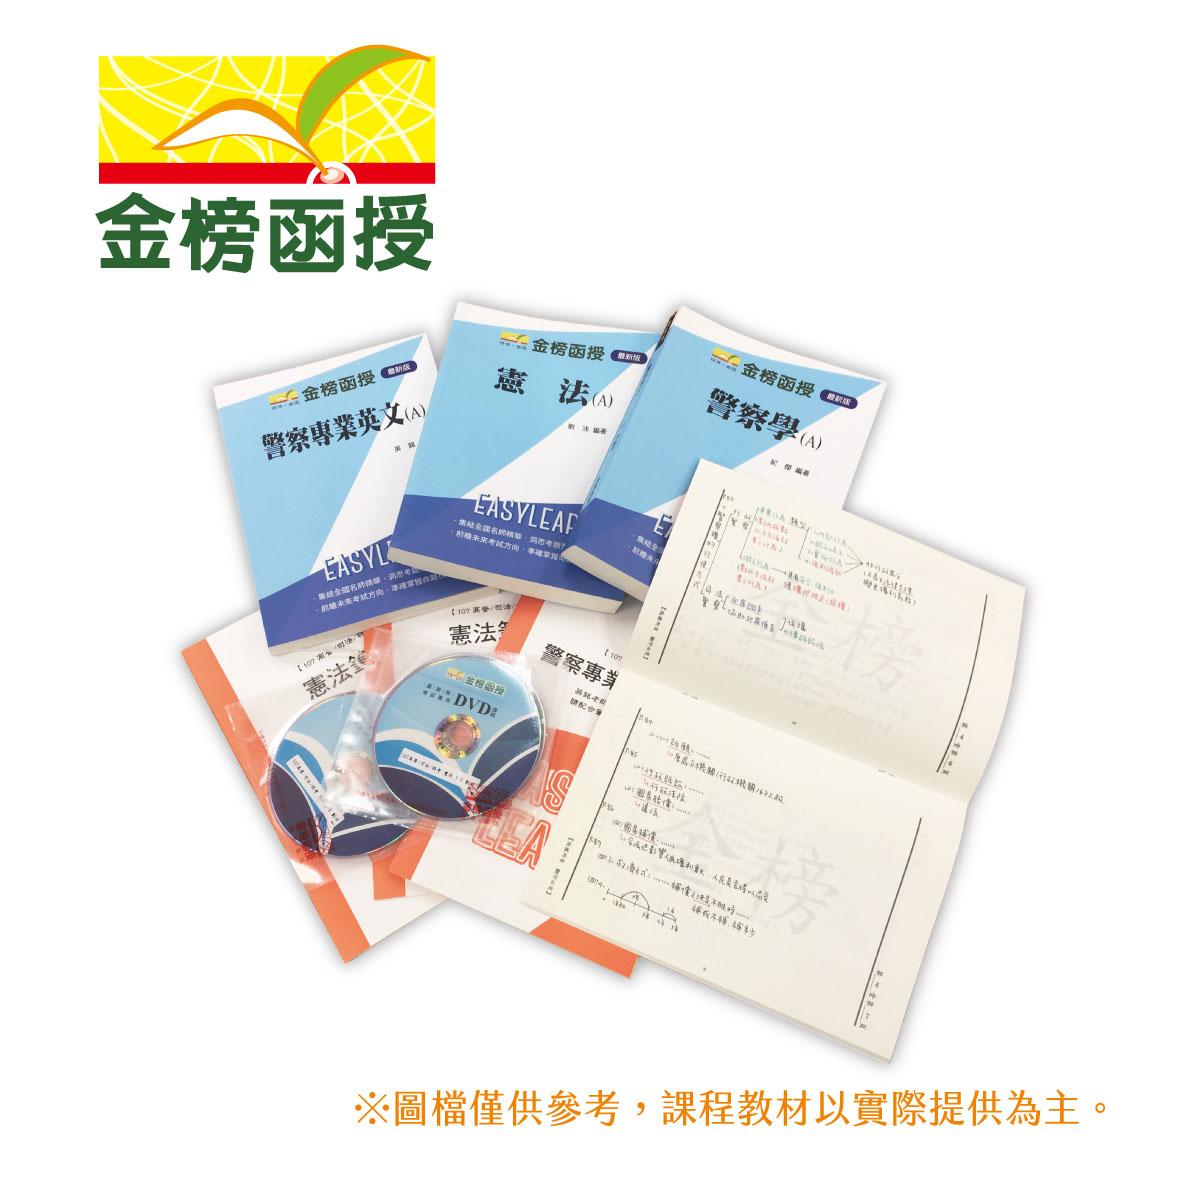 108金榜函授/初等考/全套/经建行政/DVD